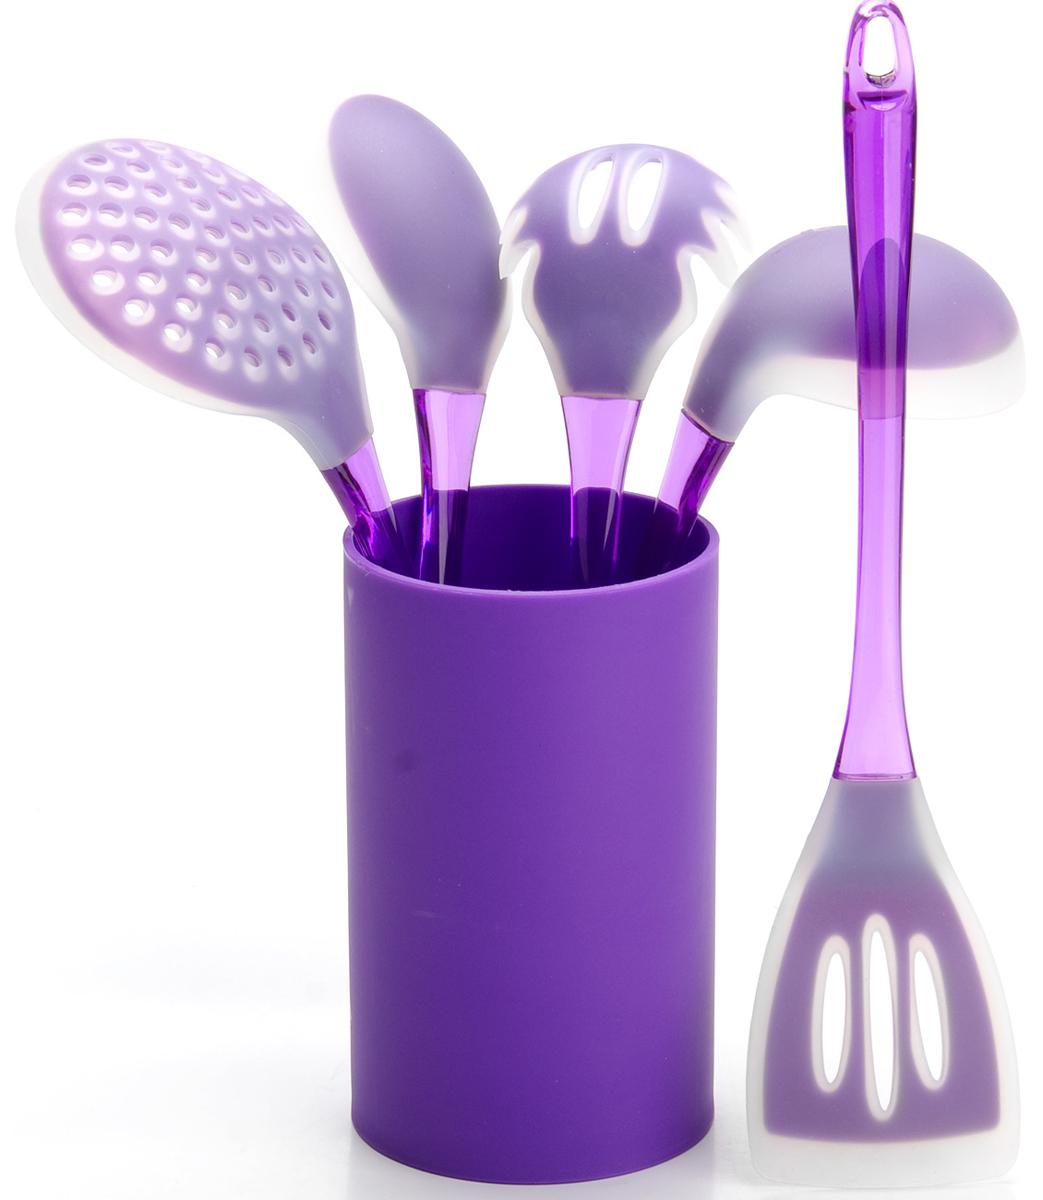 Набор кухонных принадлежностей Mayer & Boch, цвет: фиолетовый, 6 предметов. 22487-2